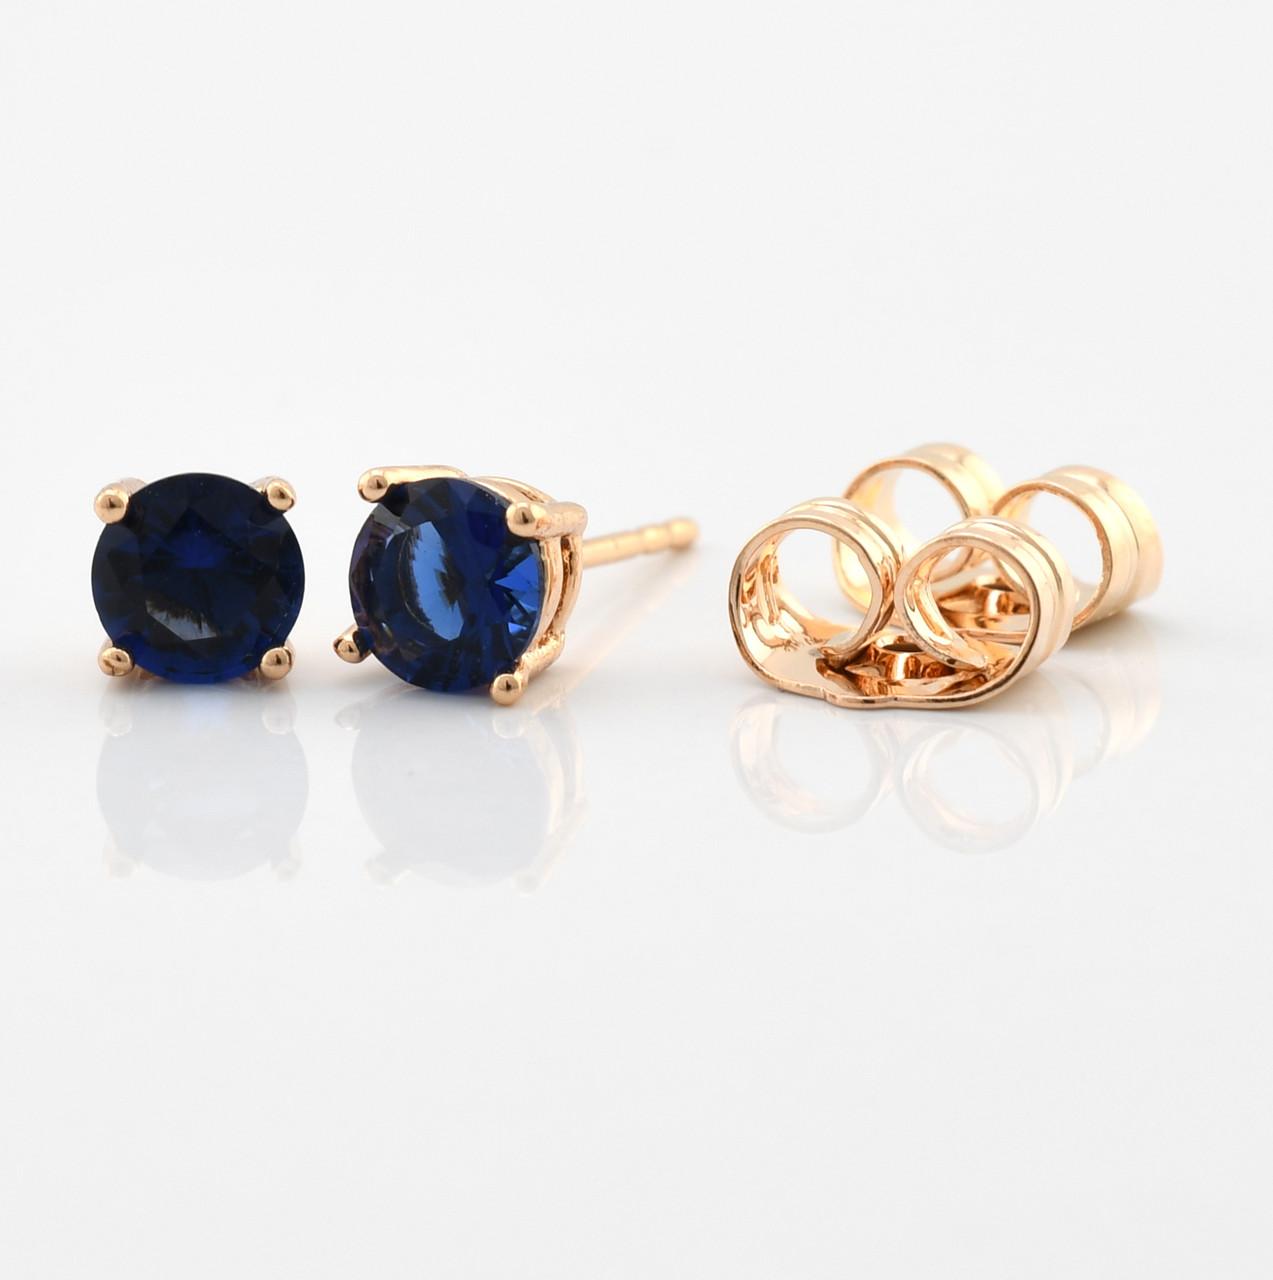 Серьги-гвоздики 21700-18К, размер 5*5 мм, синие фианиты, позолота 18К